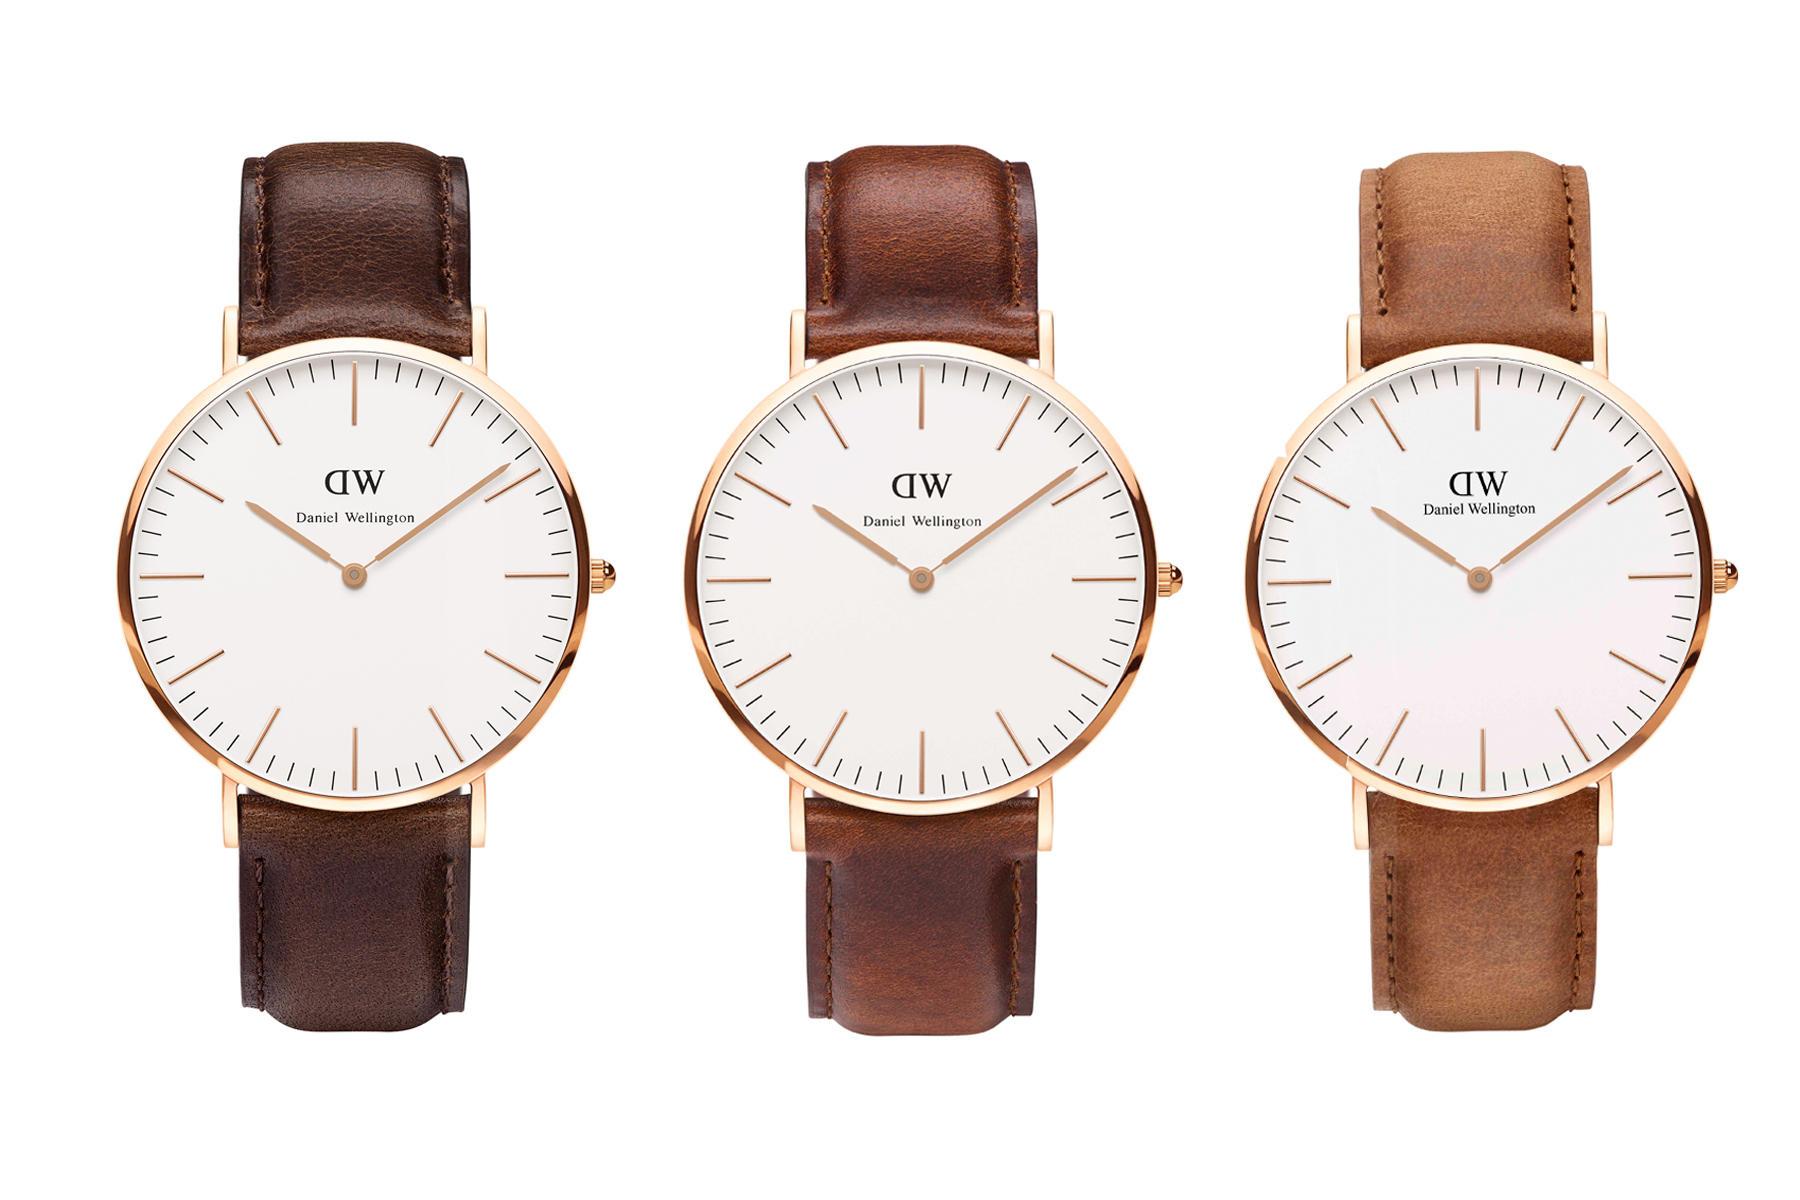 Uhren von Daniel Wellington in drei angesagten Brauntönen